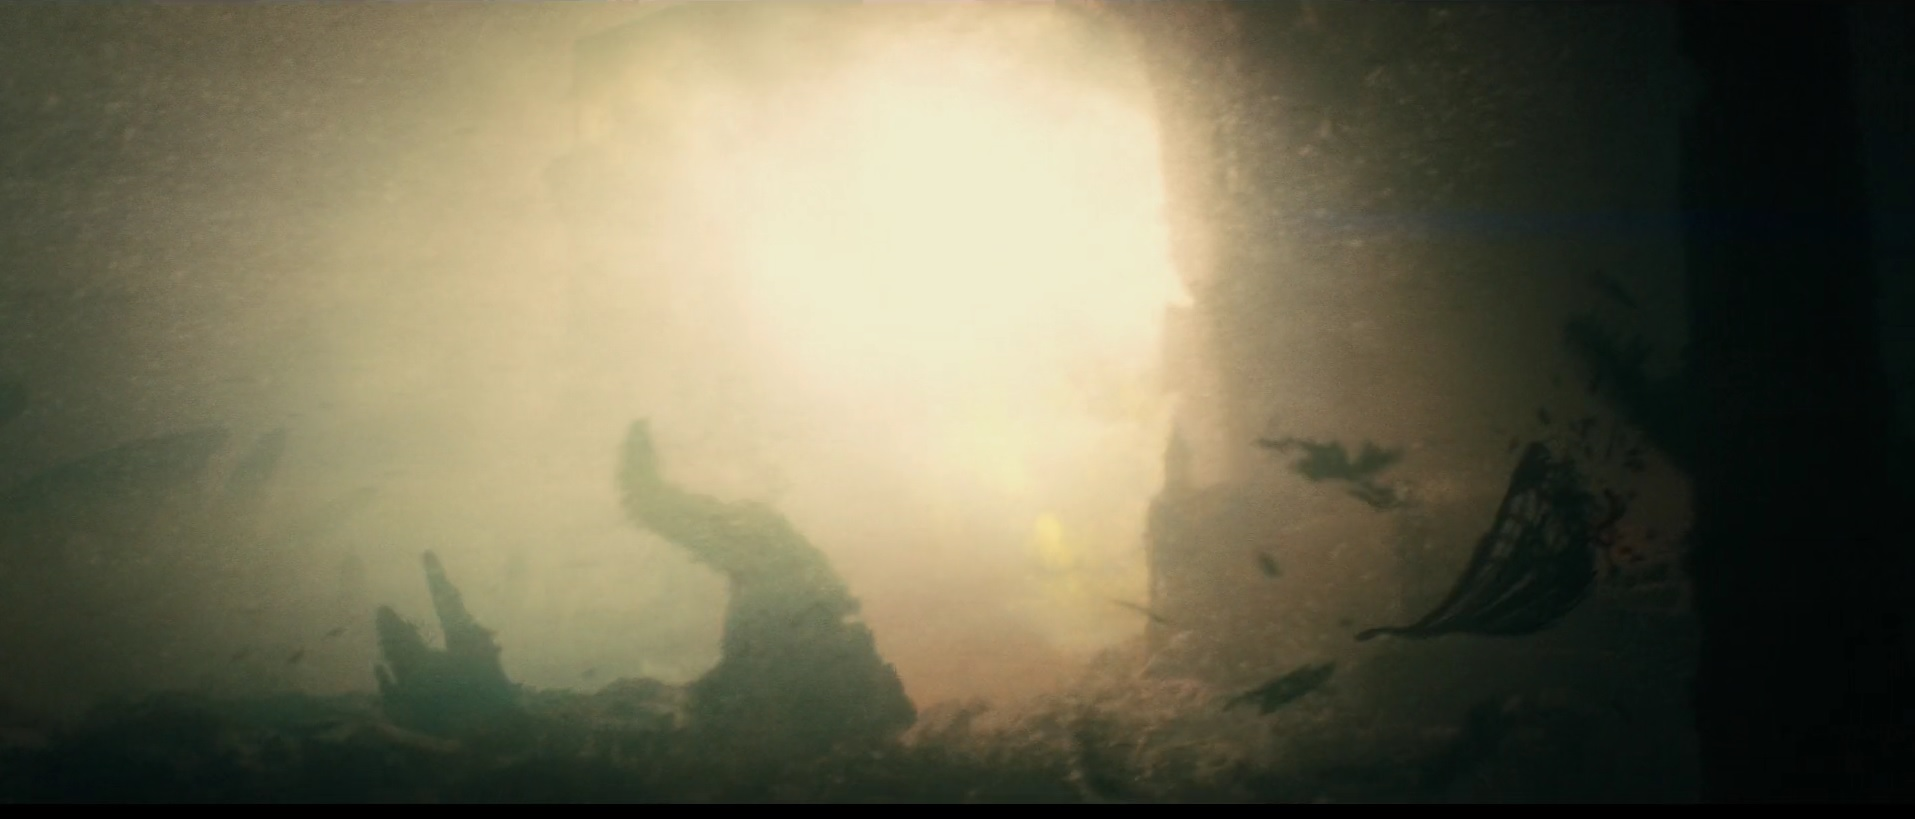 38 Underwater Explosion.jpg